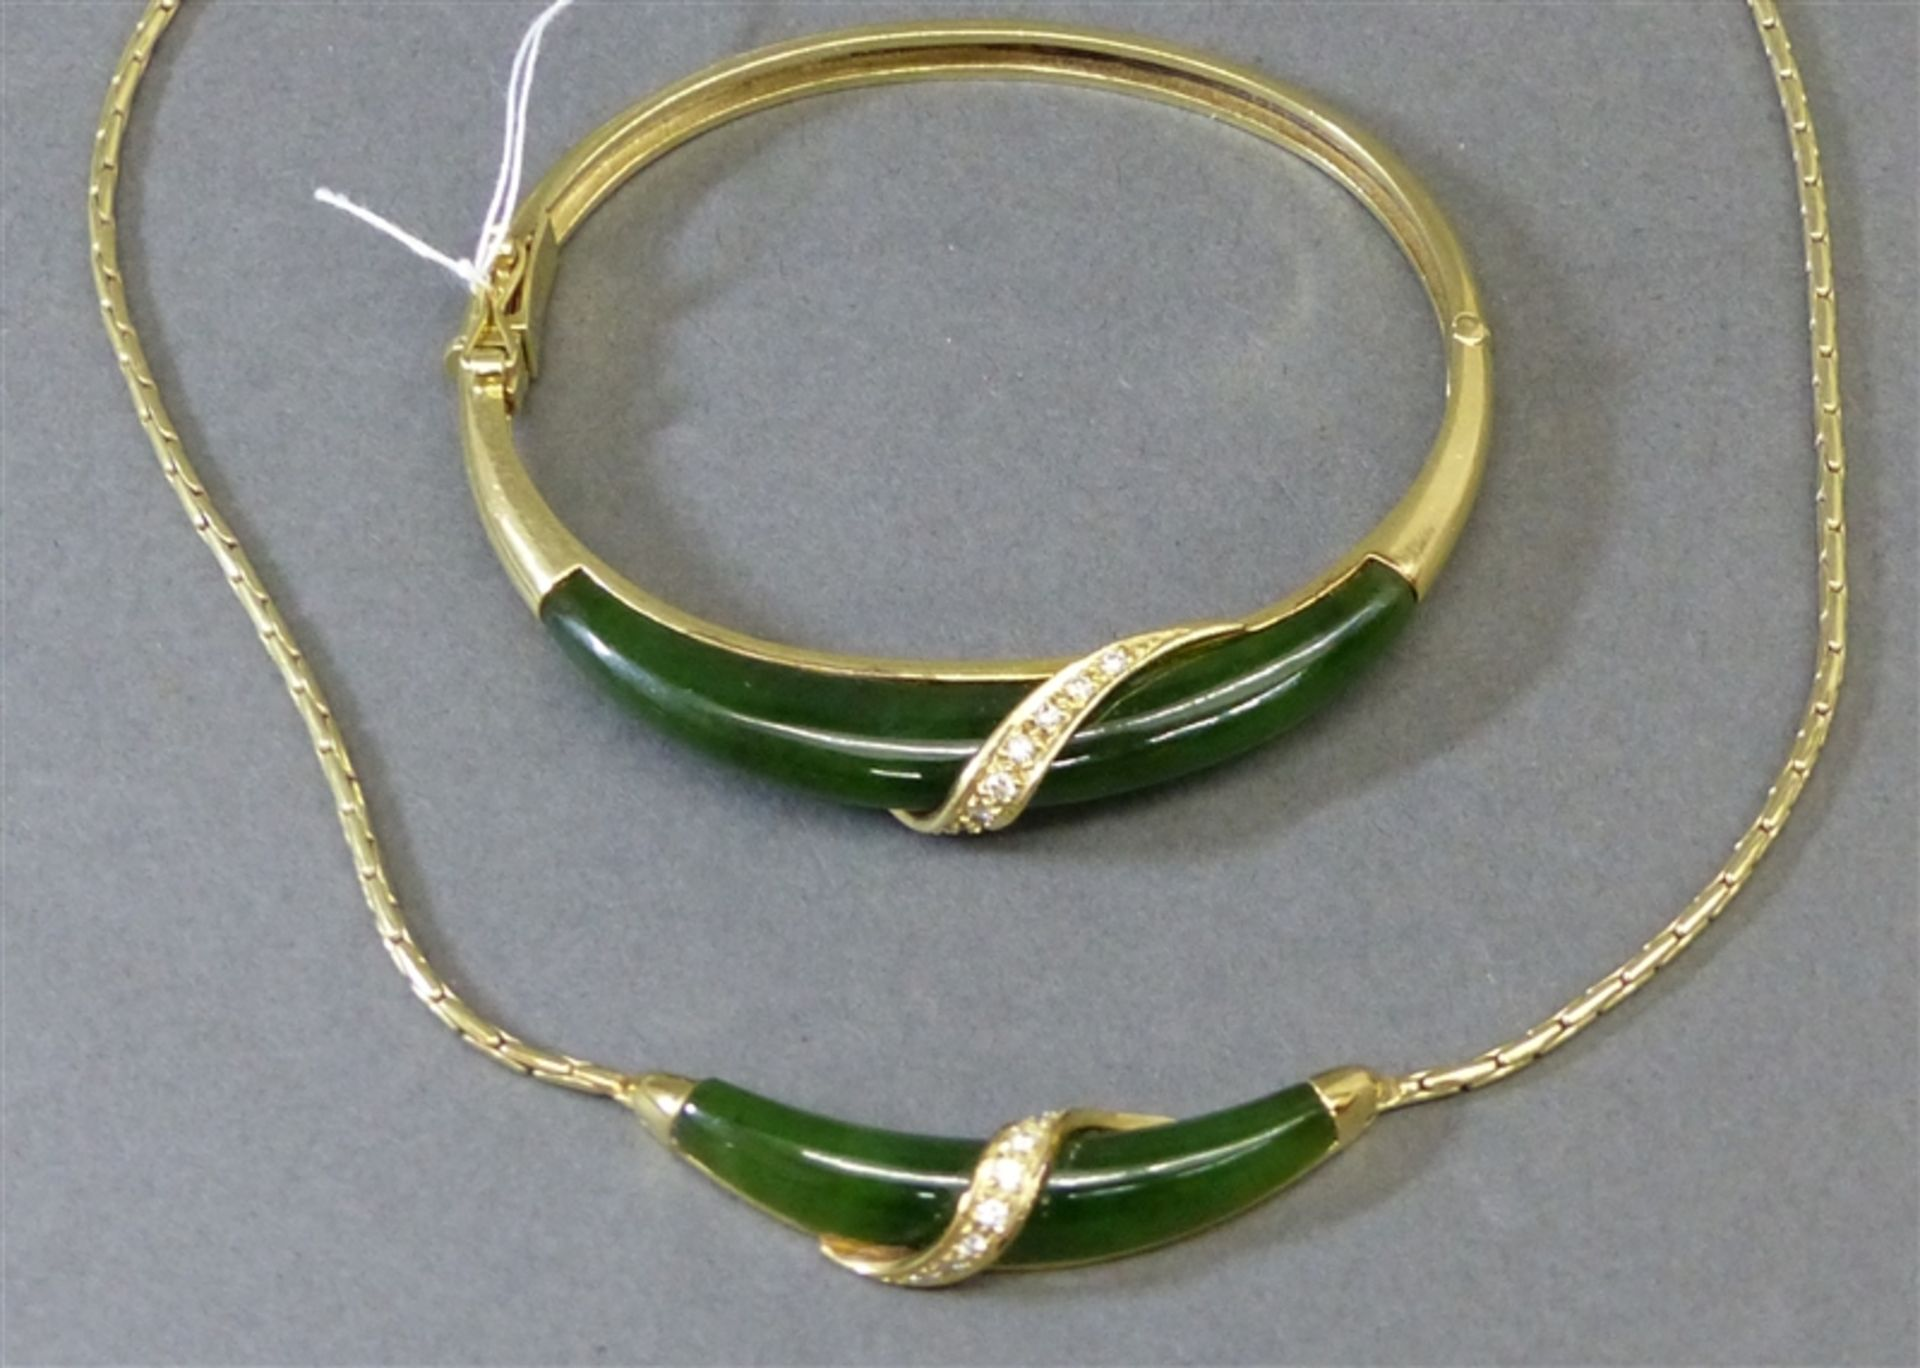 Schmuckgarnitur 14 kt. Gelbgold, 1 Collier, 1 Armreif, Jadebesatz, besetzt mit 21 Brillanten ca. 0,